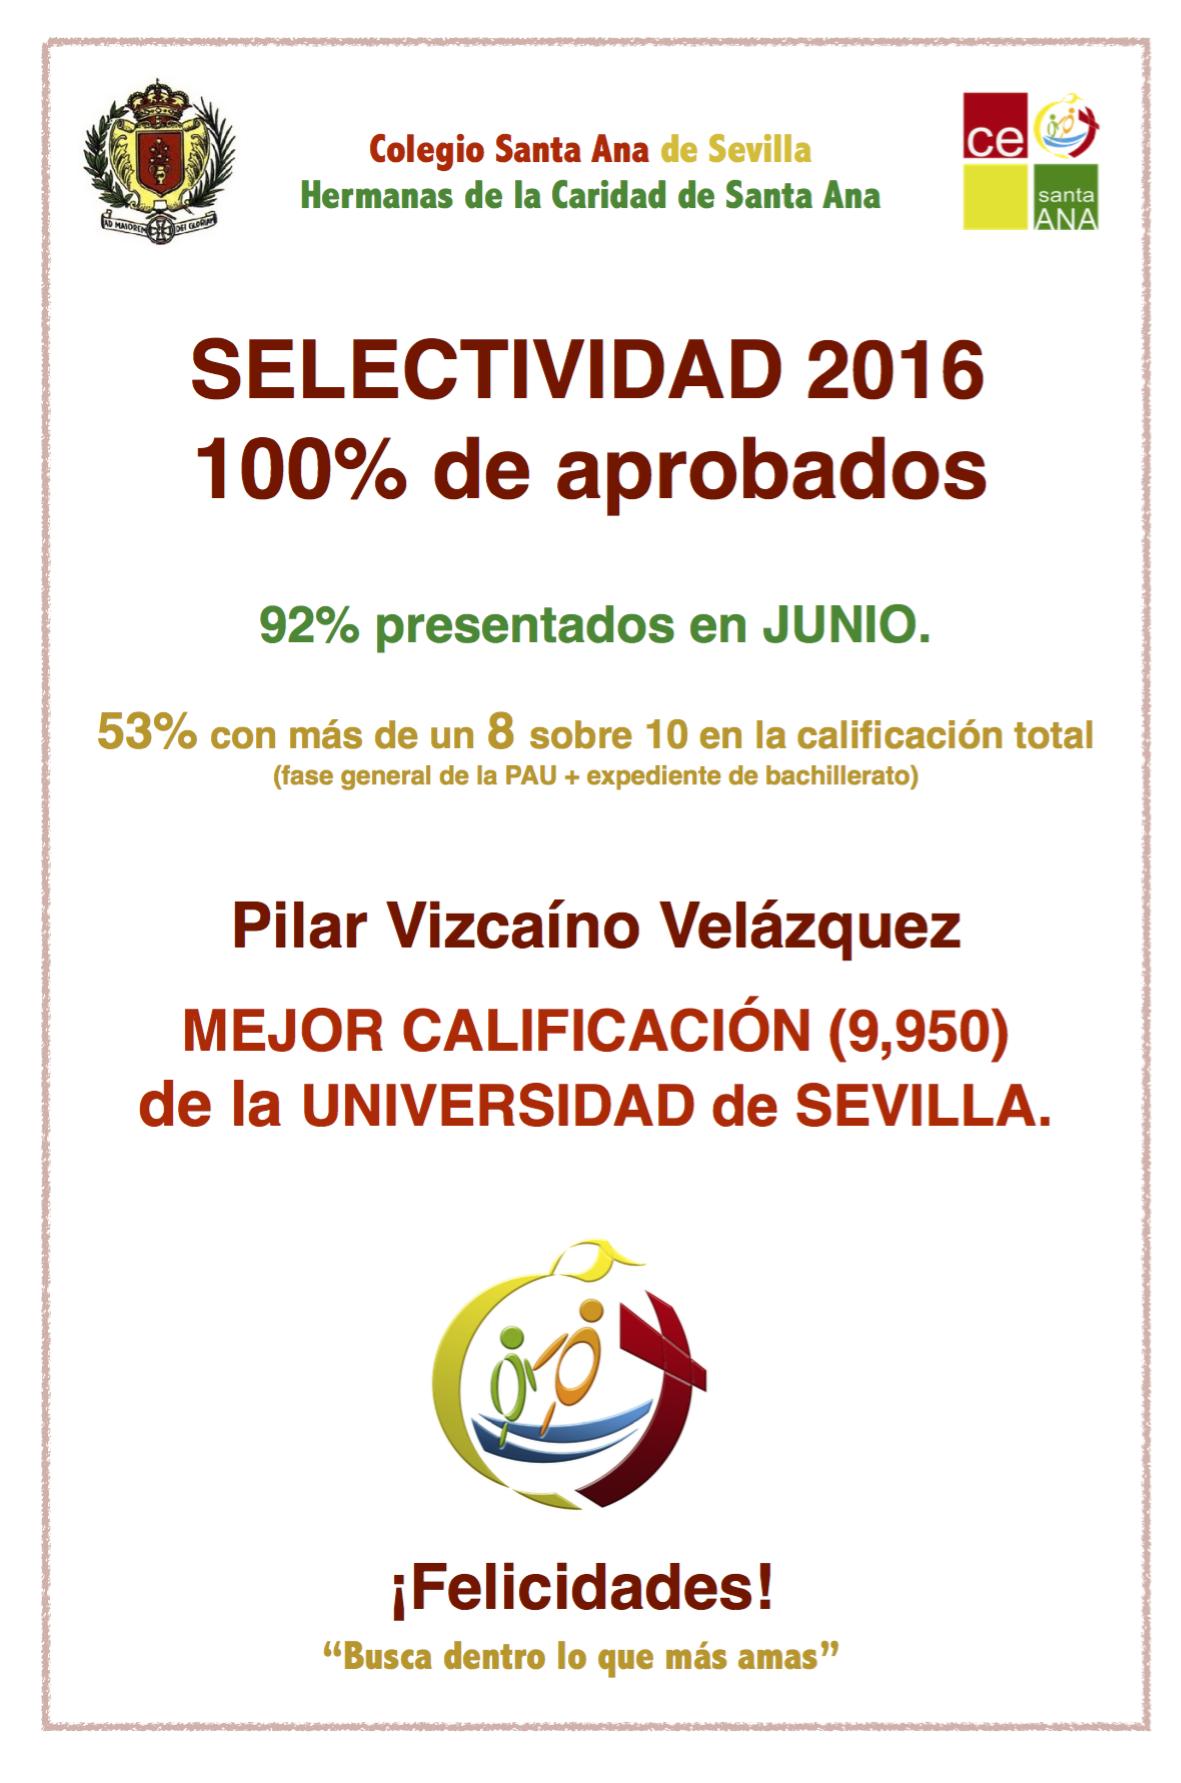 Cartel Pilar Vizcaíno